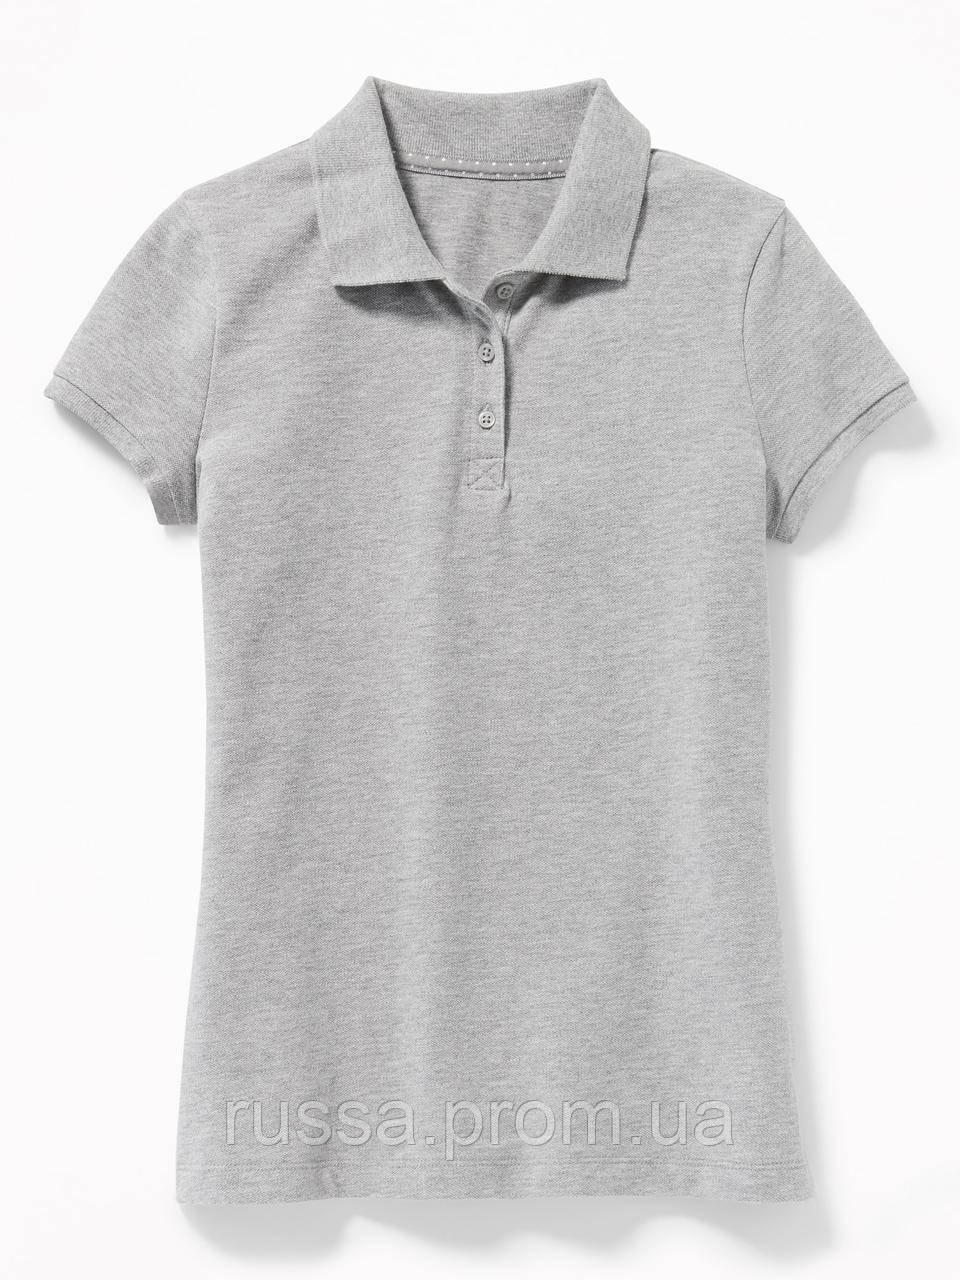 Детская серая футболка поло для девочки Old Navy Олд Неви